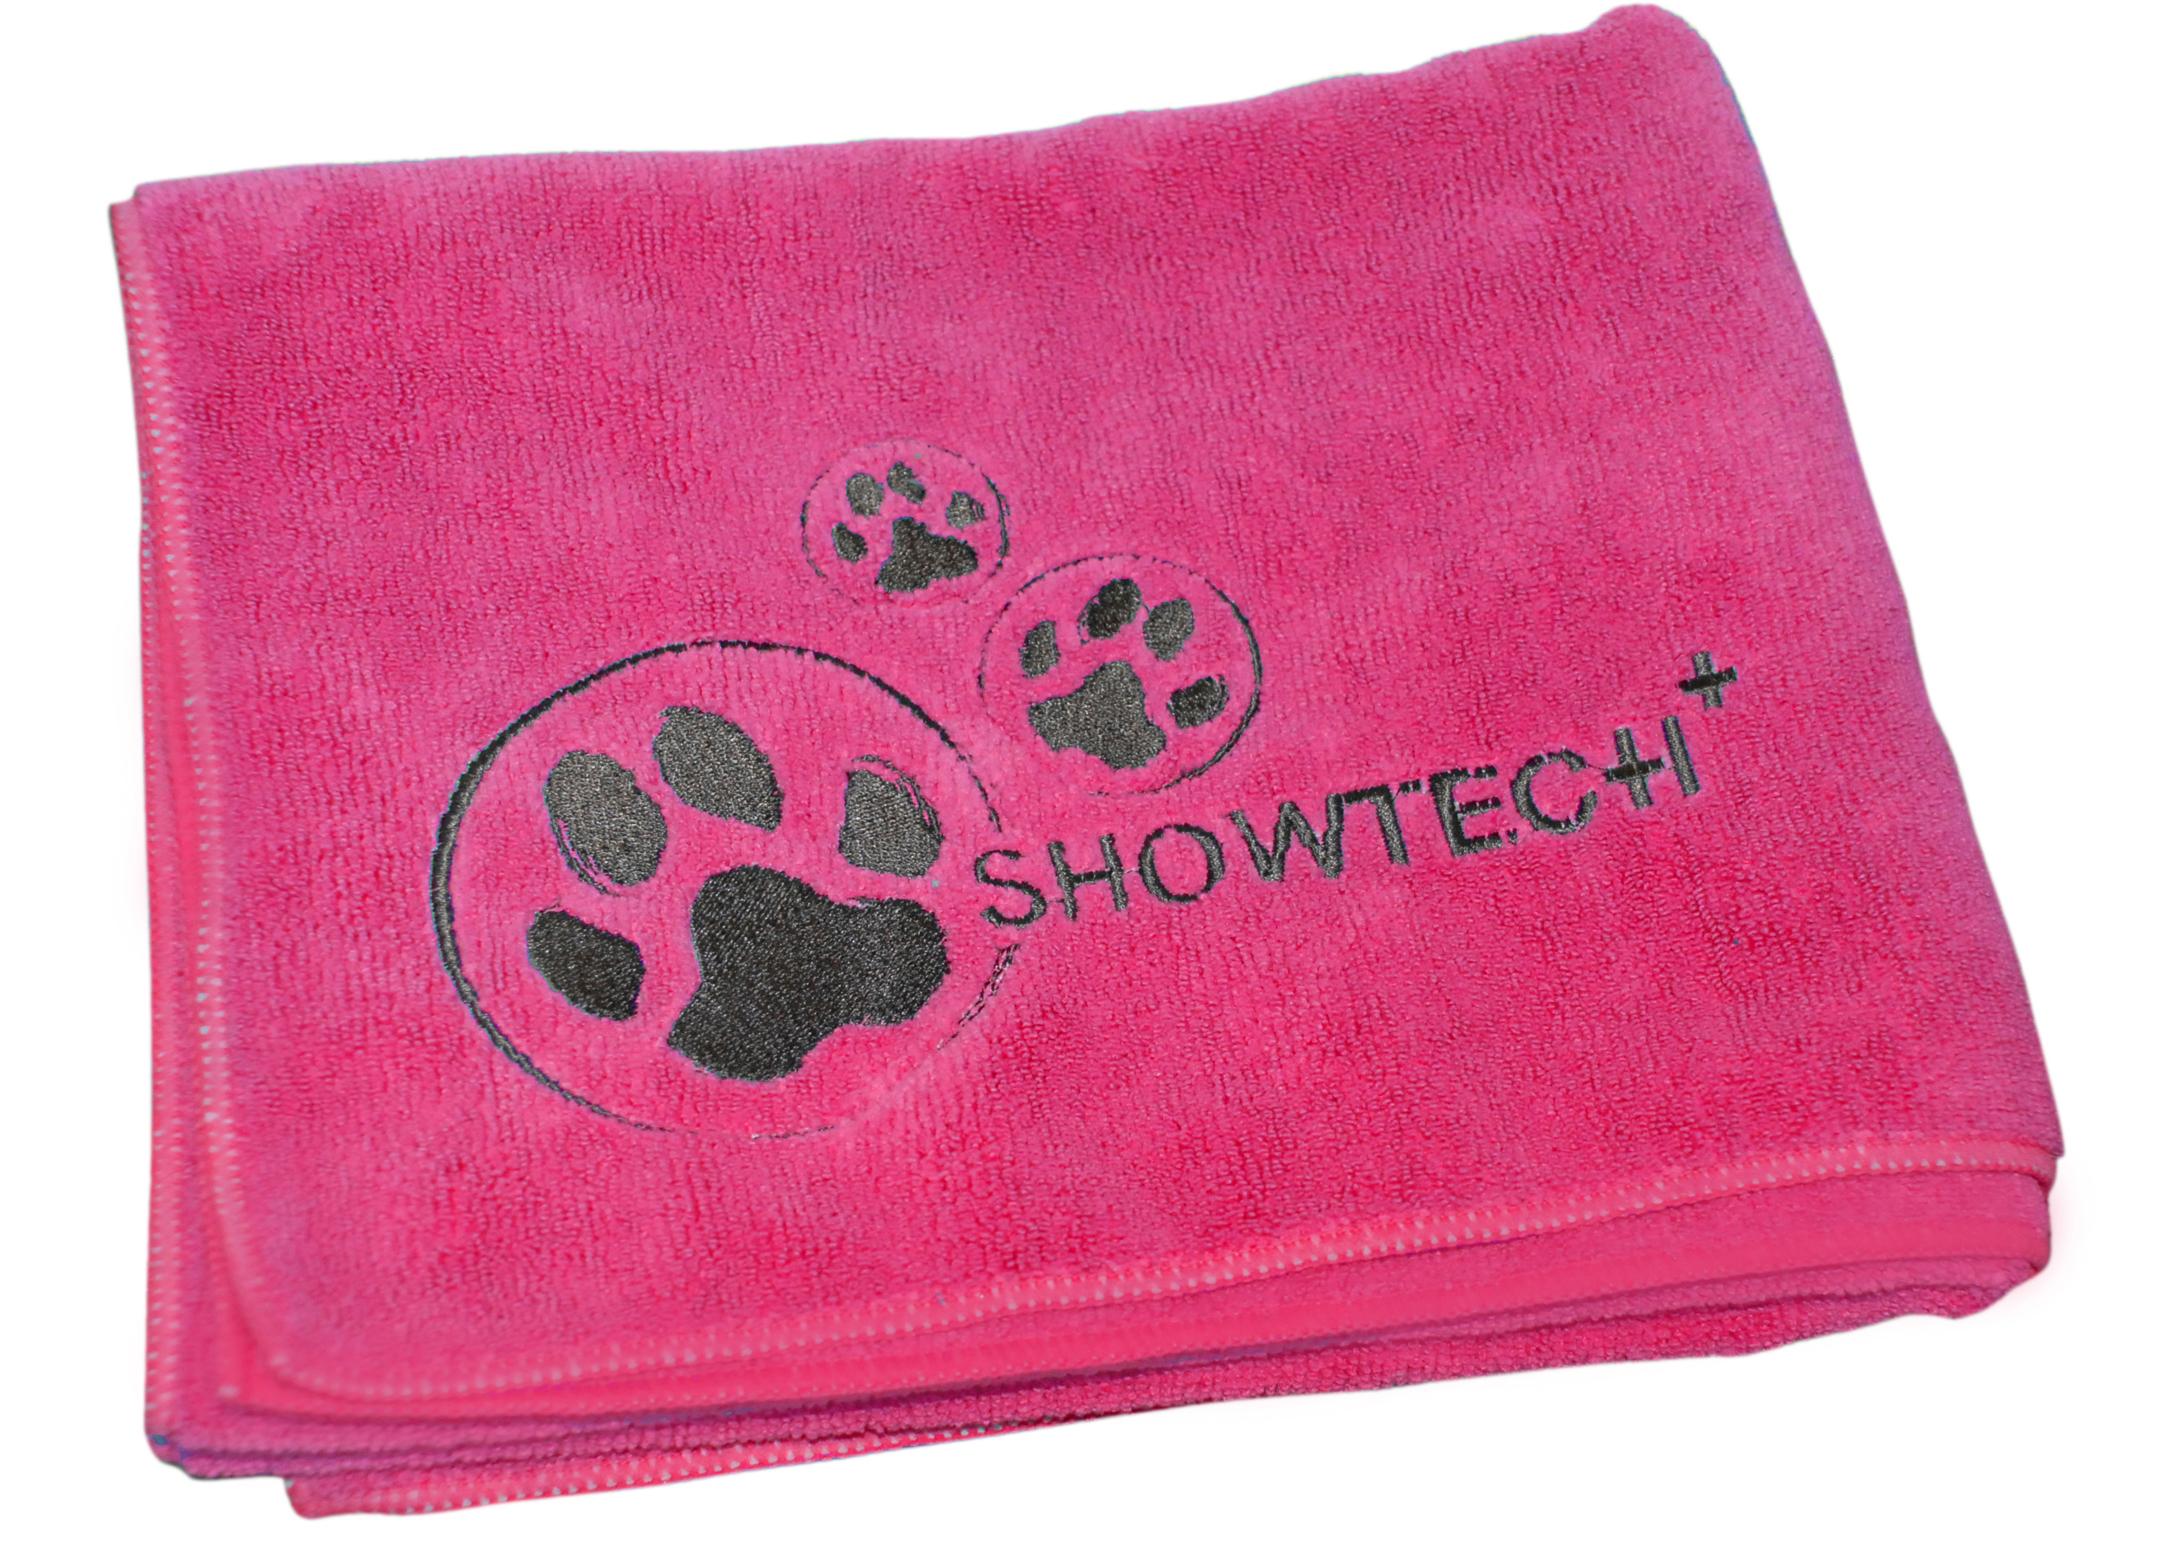 Show Tech+ Microfibre Handdoek met Broderie 56x90cm Hot Pink Handdoek